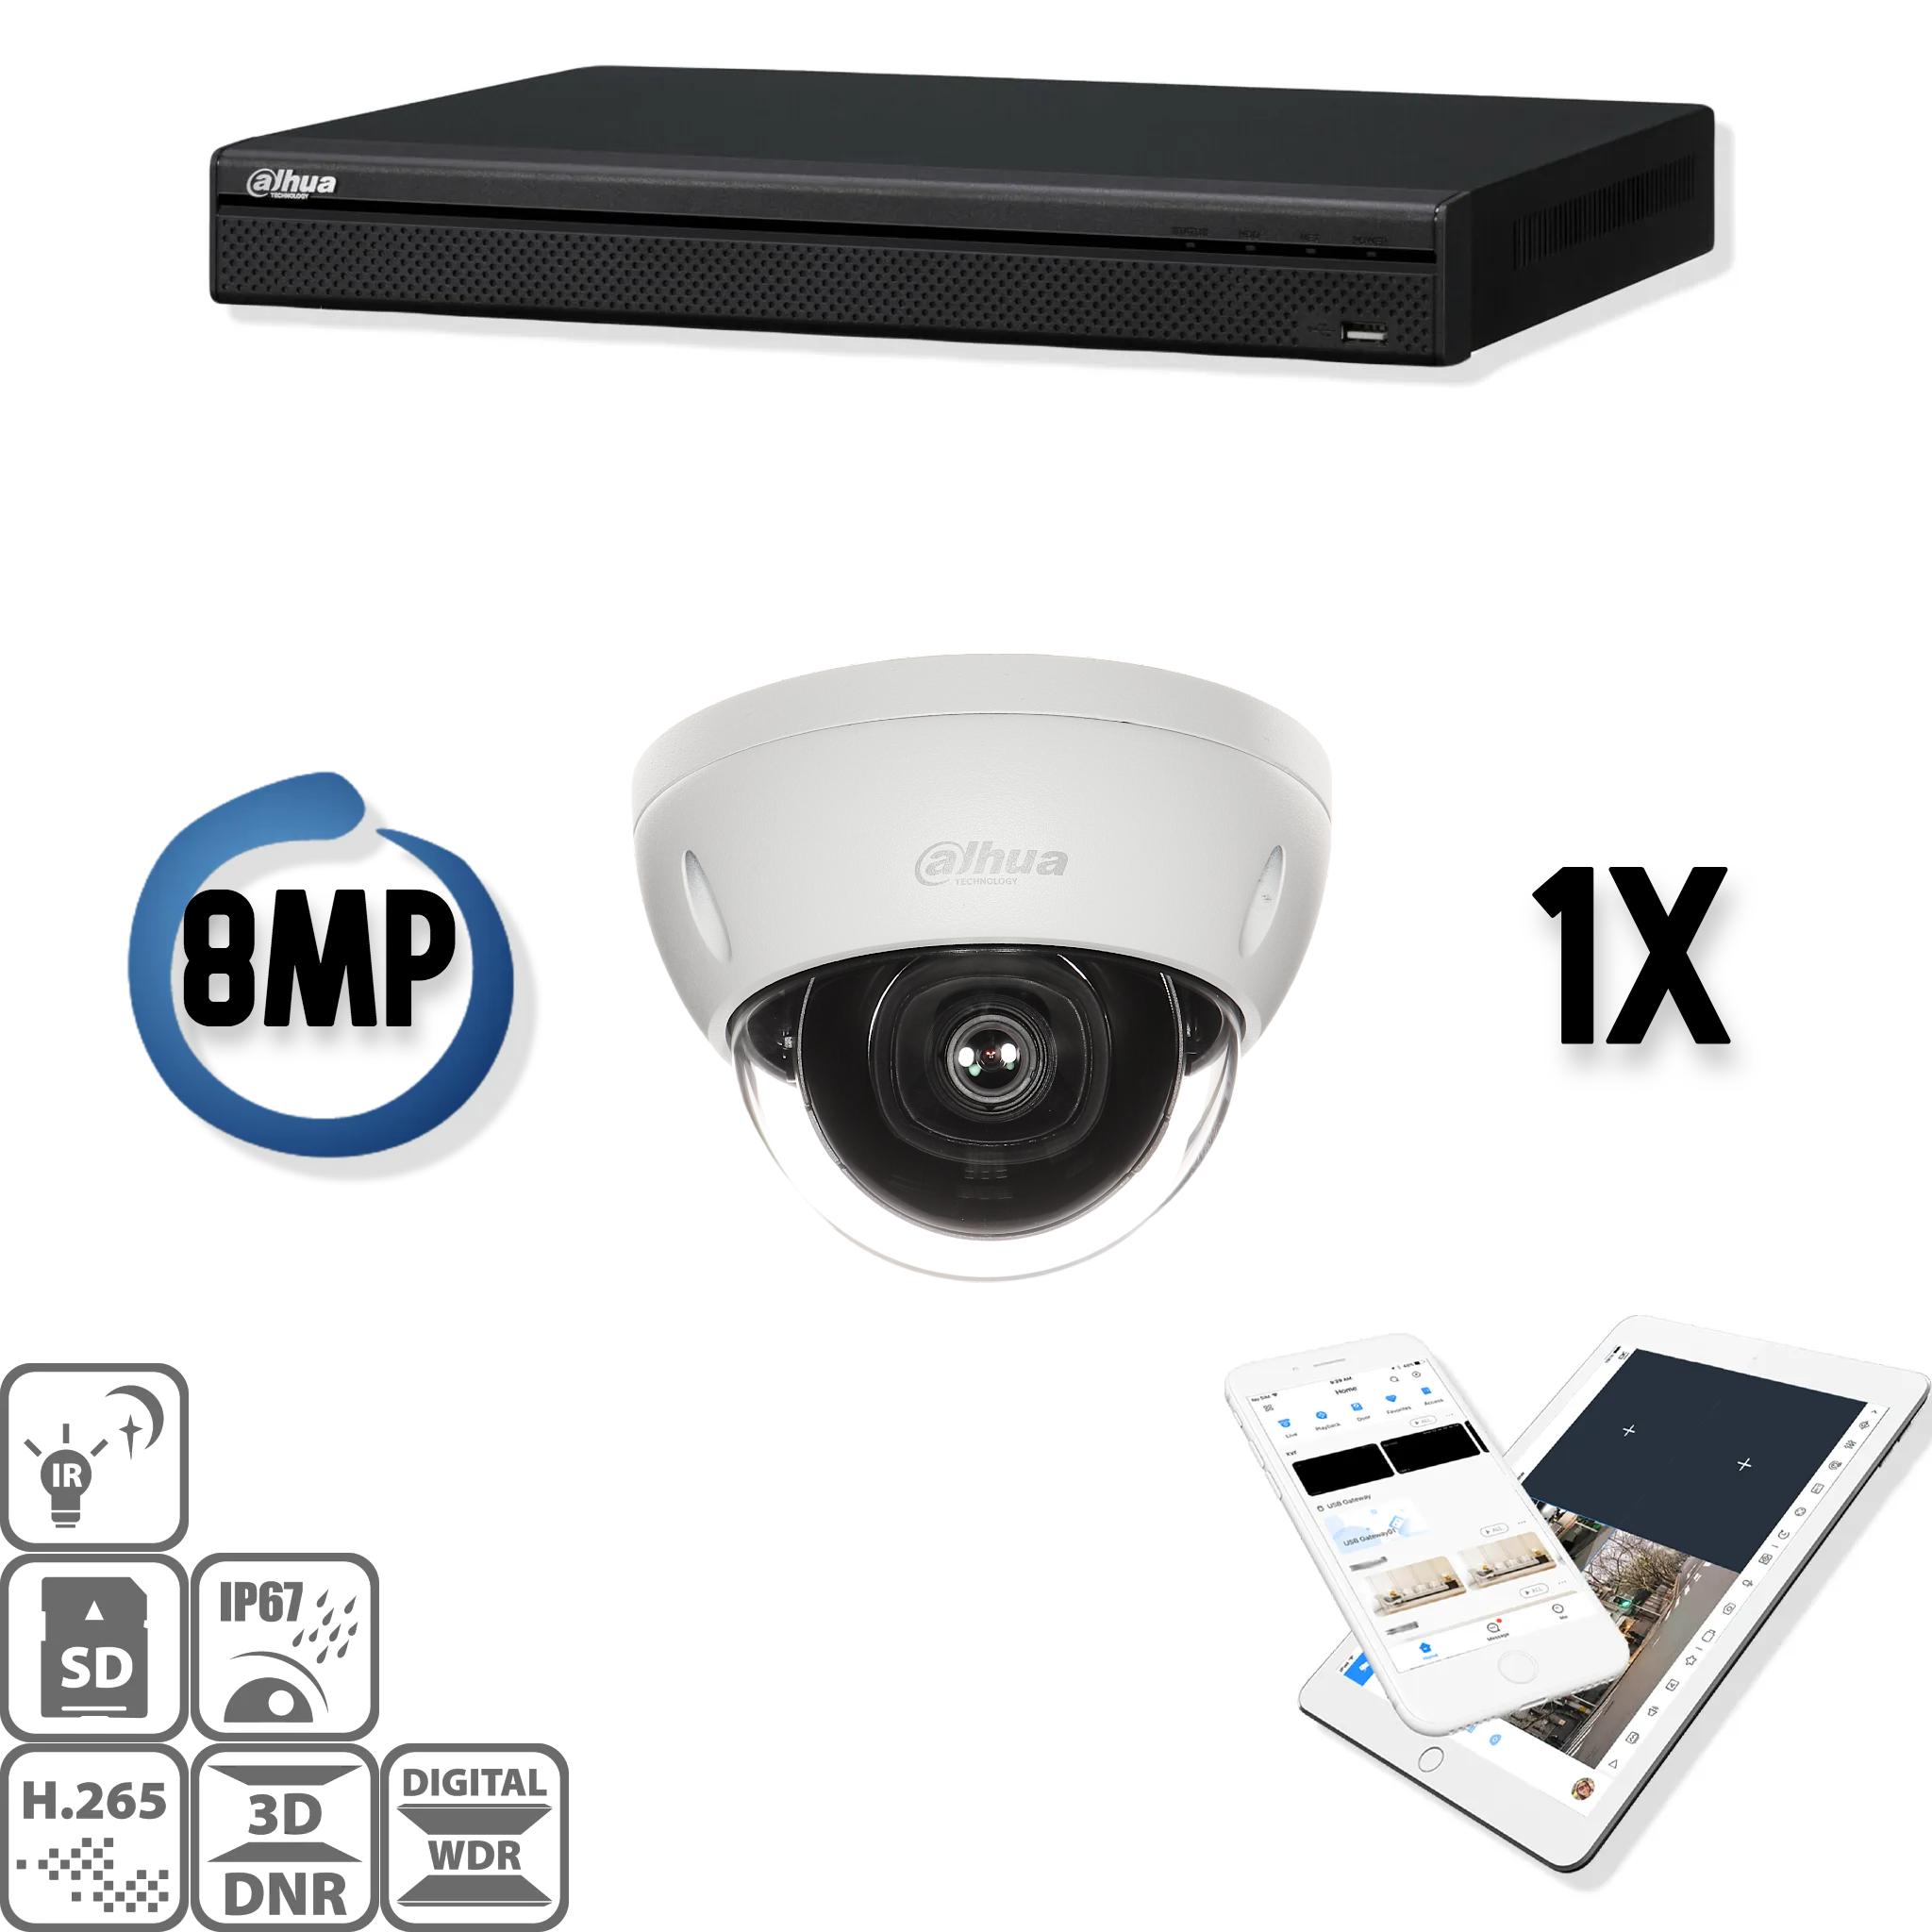 Das Dahua IP-Kit 1x Dome 8mp Ultra HD-Kamerasicherheitsset enthält 1 IP-Dome-Kamera, die für den Innen- und Außenbereich geeignet ist. Die Kamera verfügt über eine Ultra HD-Bildqualität mit IR-LEDs für eine perfekte Sicht bei Dunkelheit. Dieses HD IP-Kame